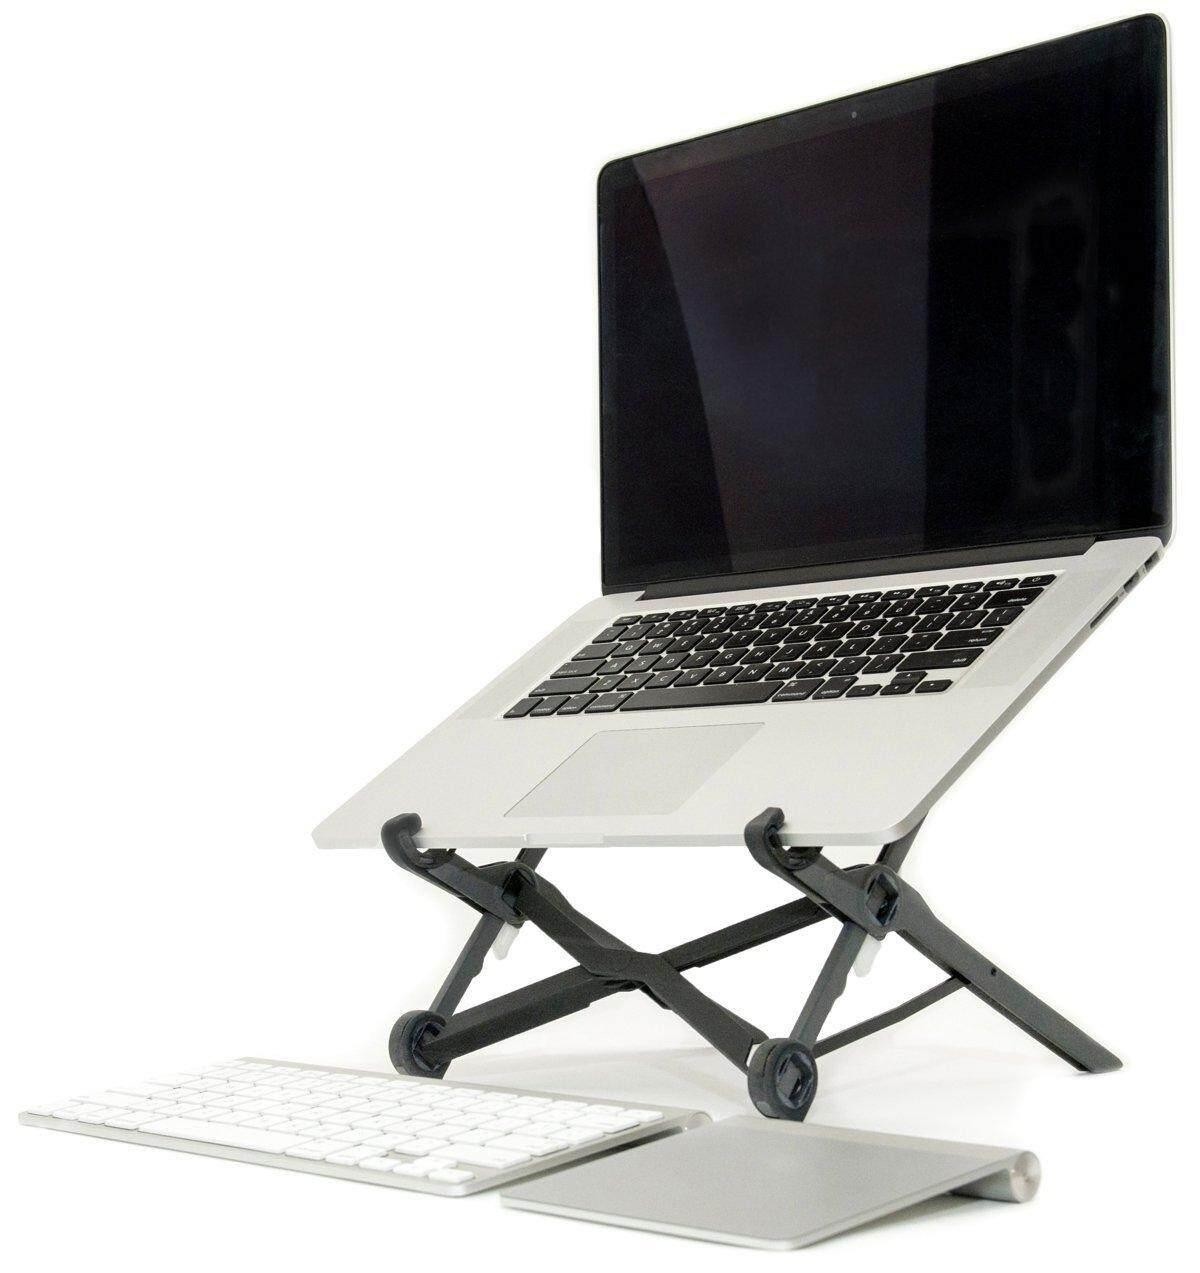 Giá Đỡ Laptop-Có Thể Điều Chỉnh và Di Động Giá Đỡ Laptop-MÁY TÍNH và MacBook Đứng, MỸ